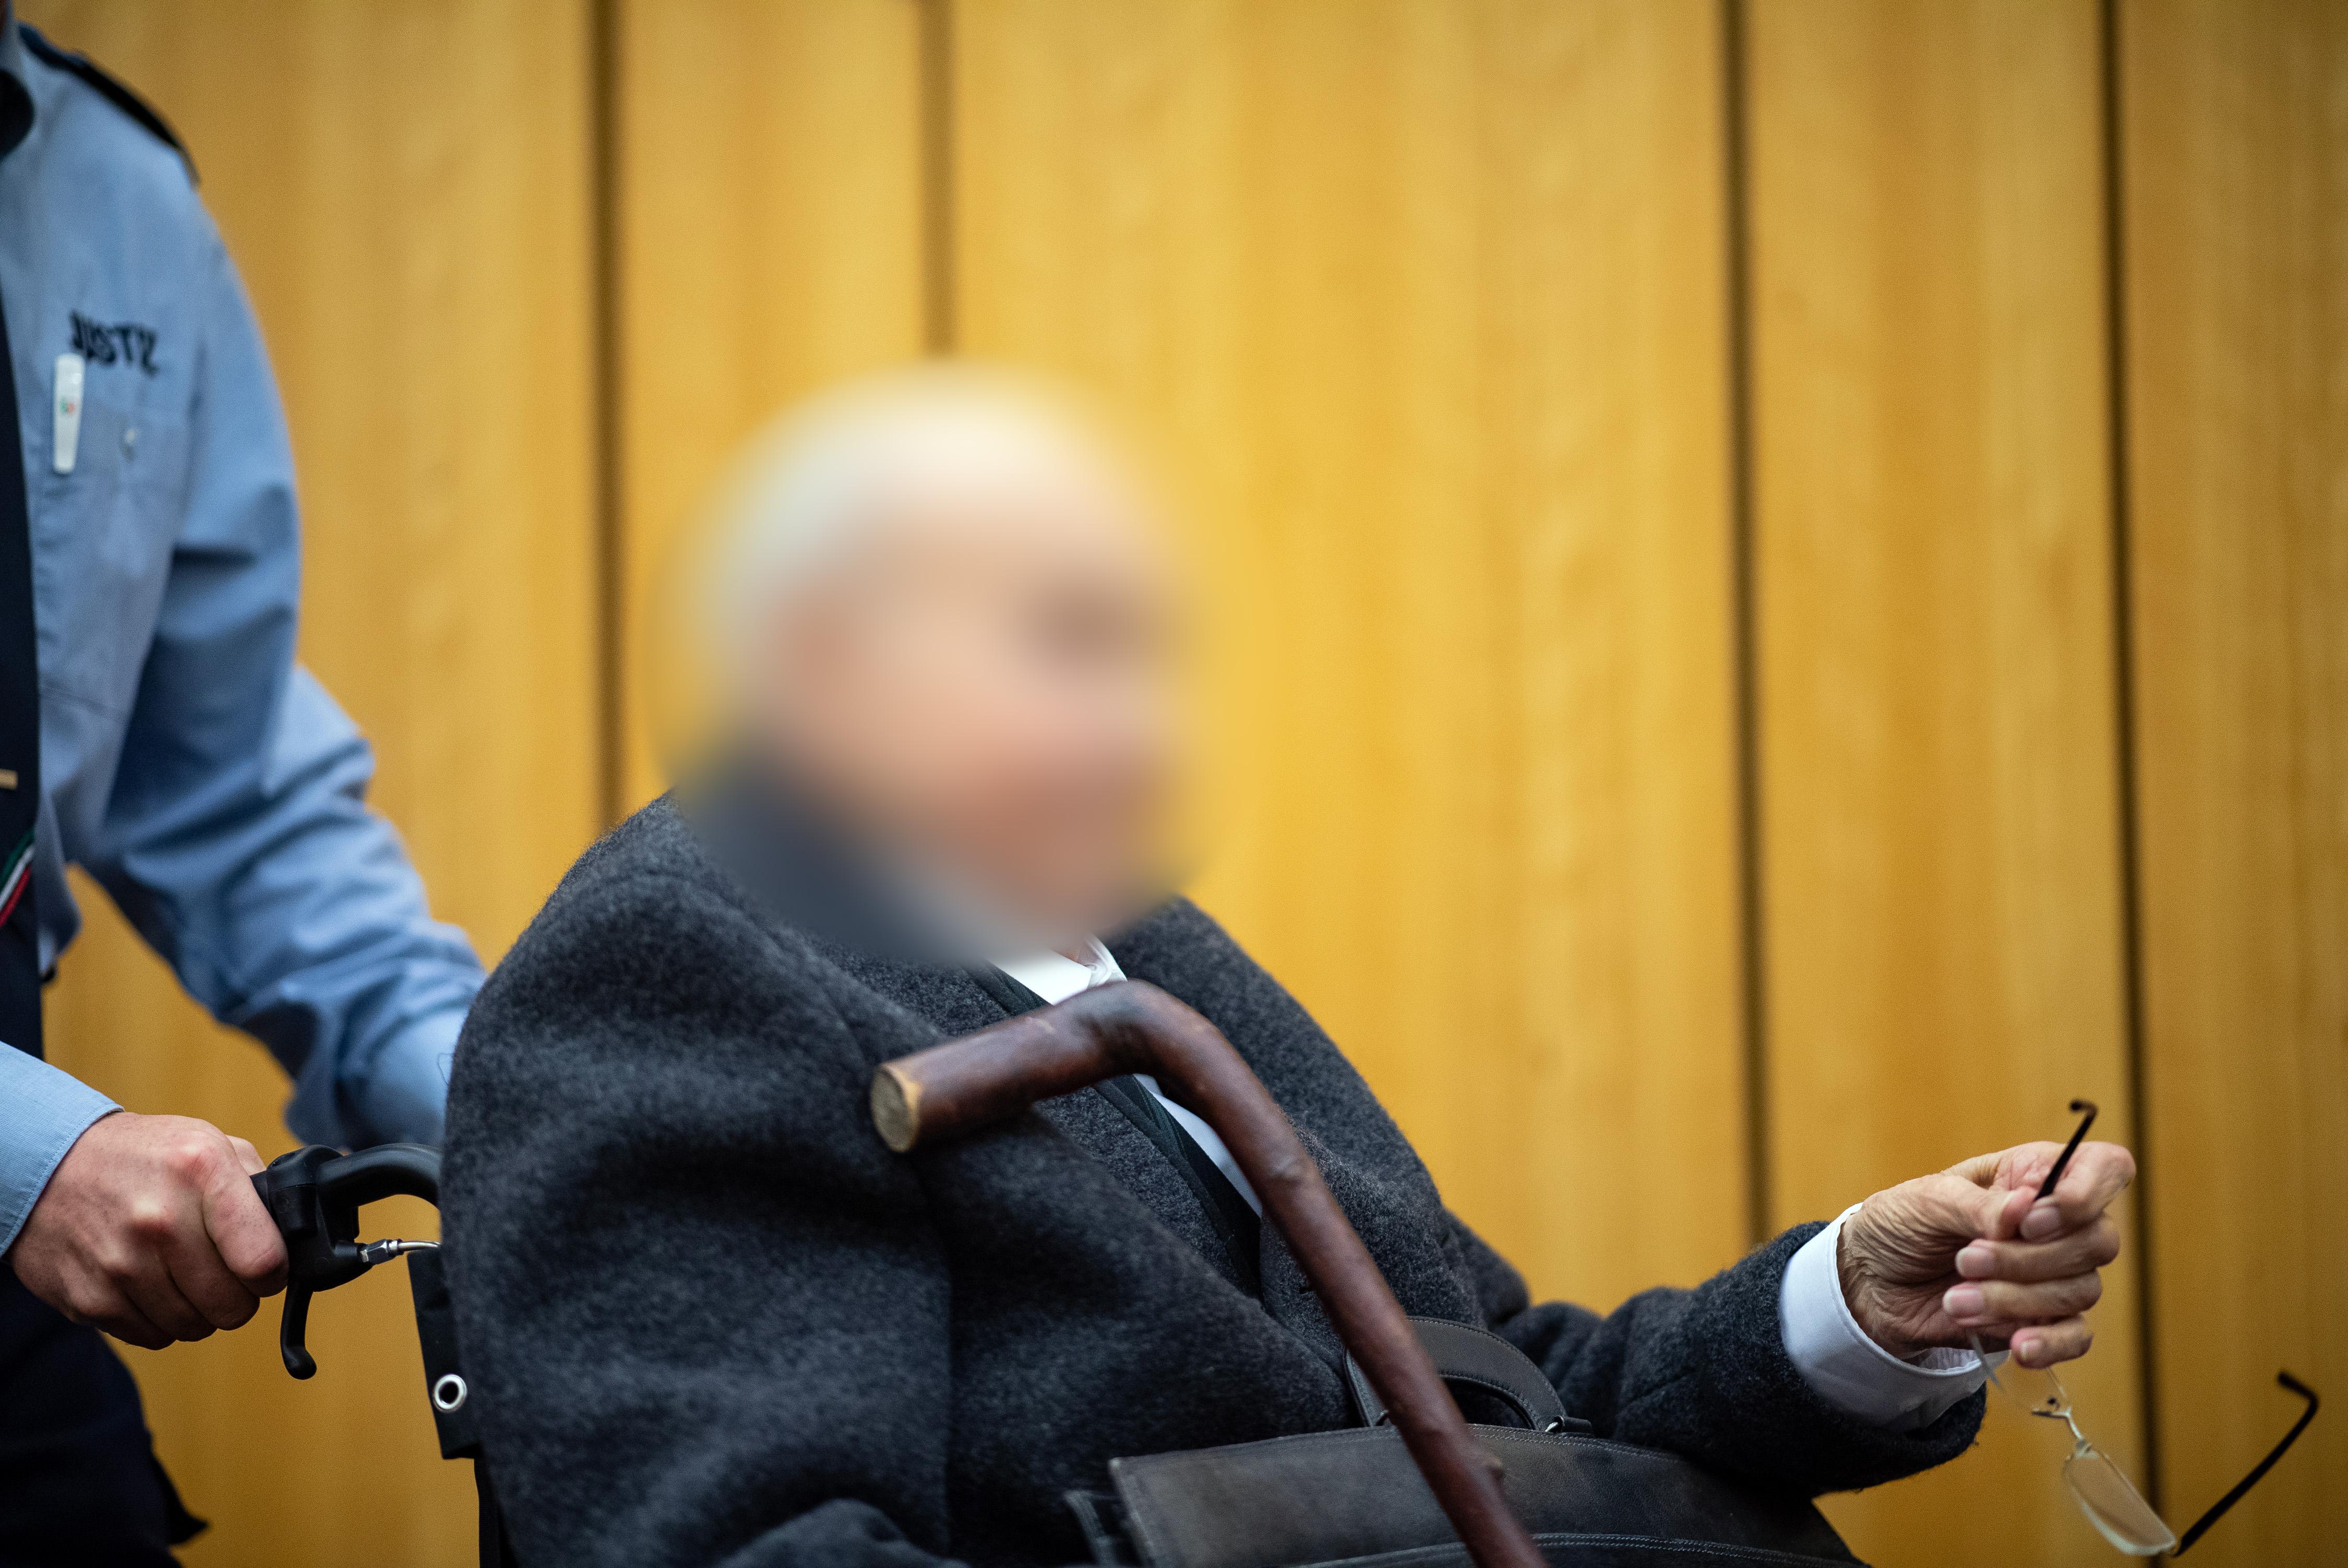 Több ezer ember meggyilkolása miatt emeltek vádat Bruno D. ellen, aki 17 évesen a stutthofi koncentrációs tábor őre volt